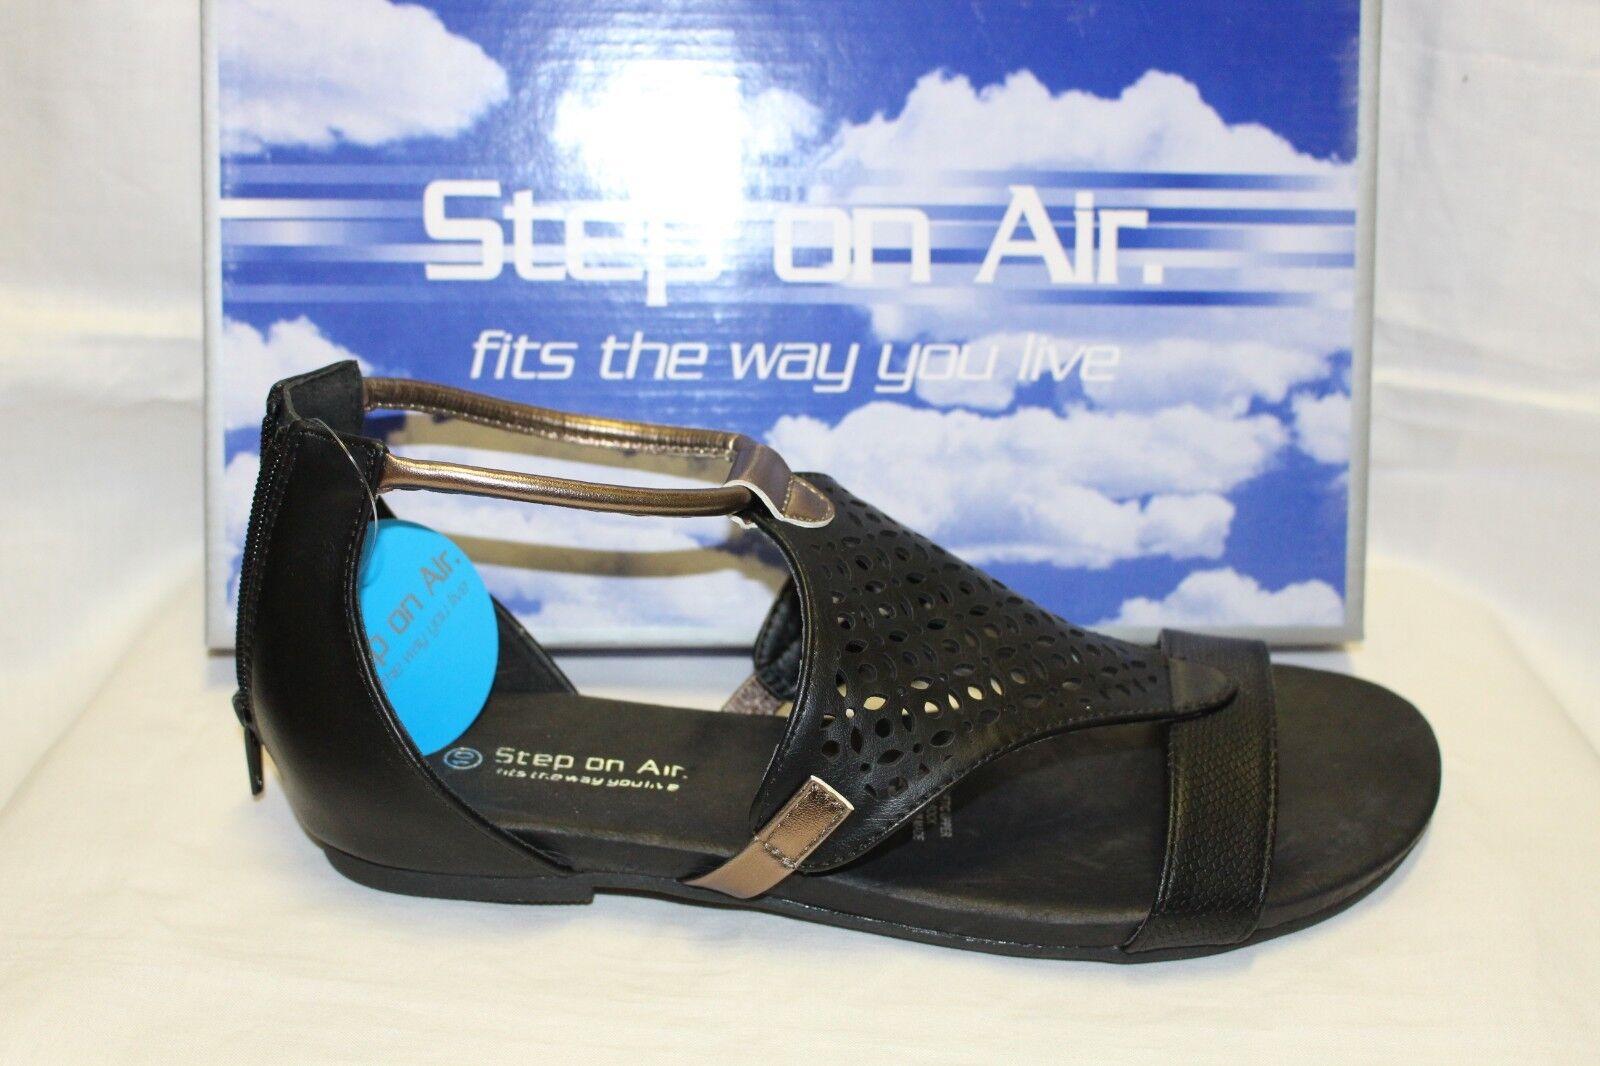 Damas Zapatos Calzado paso en en en el aire Sandalia Alicia Negro  Las ventas en línea ahorran un 70%.